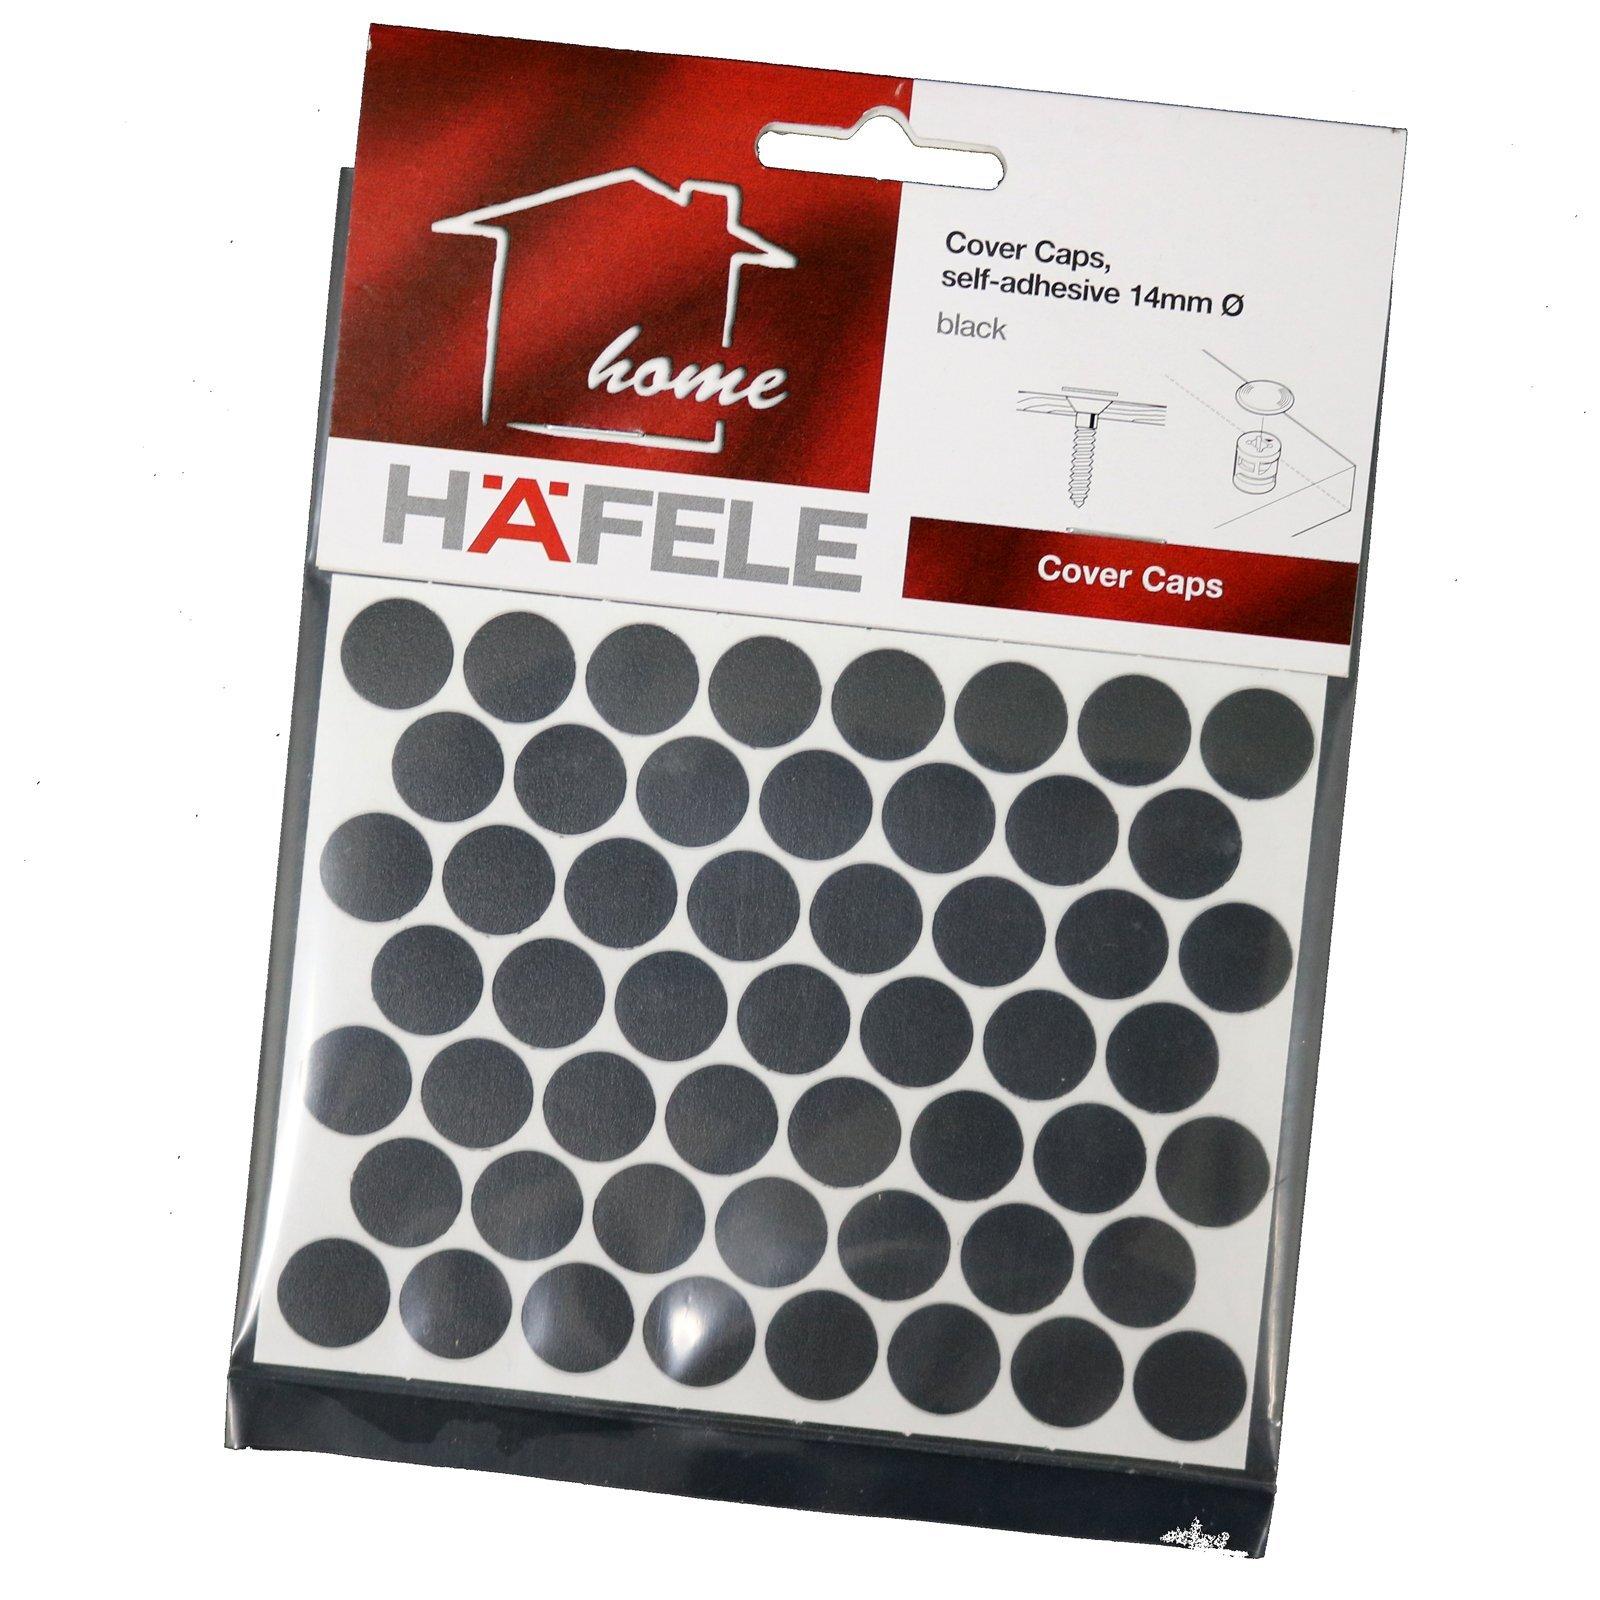 Hafele 14mm Black Self-Adhesive Cover Caps - 52 Pack